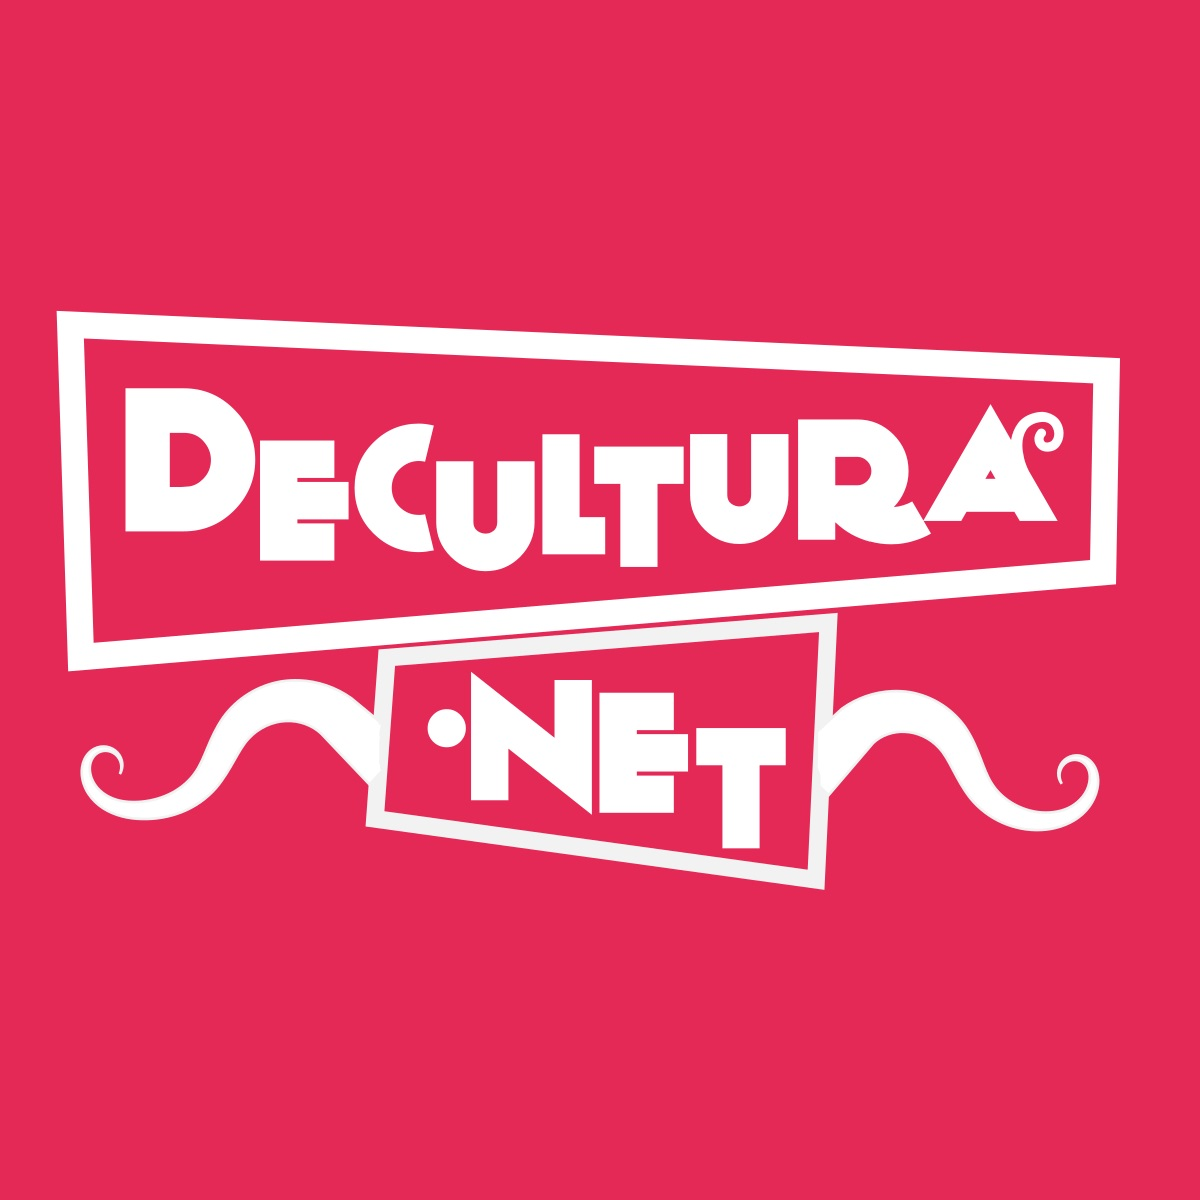 conocé deCultura.net, arte y cultura independiente!